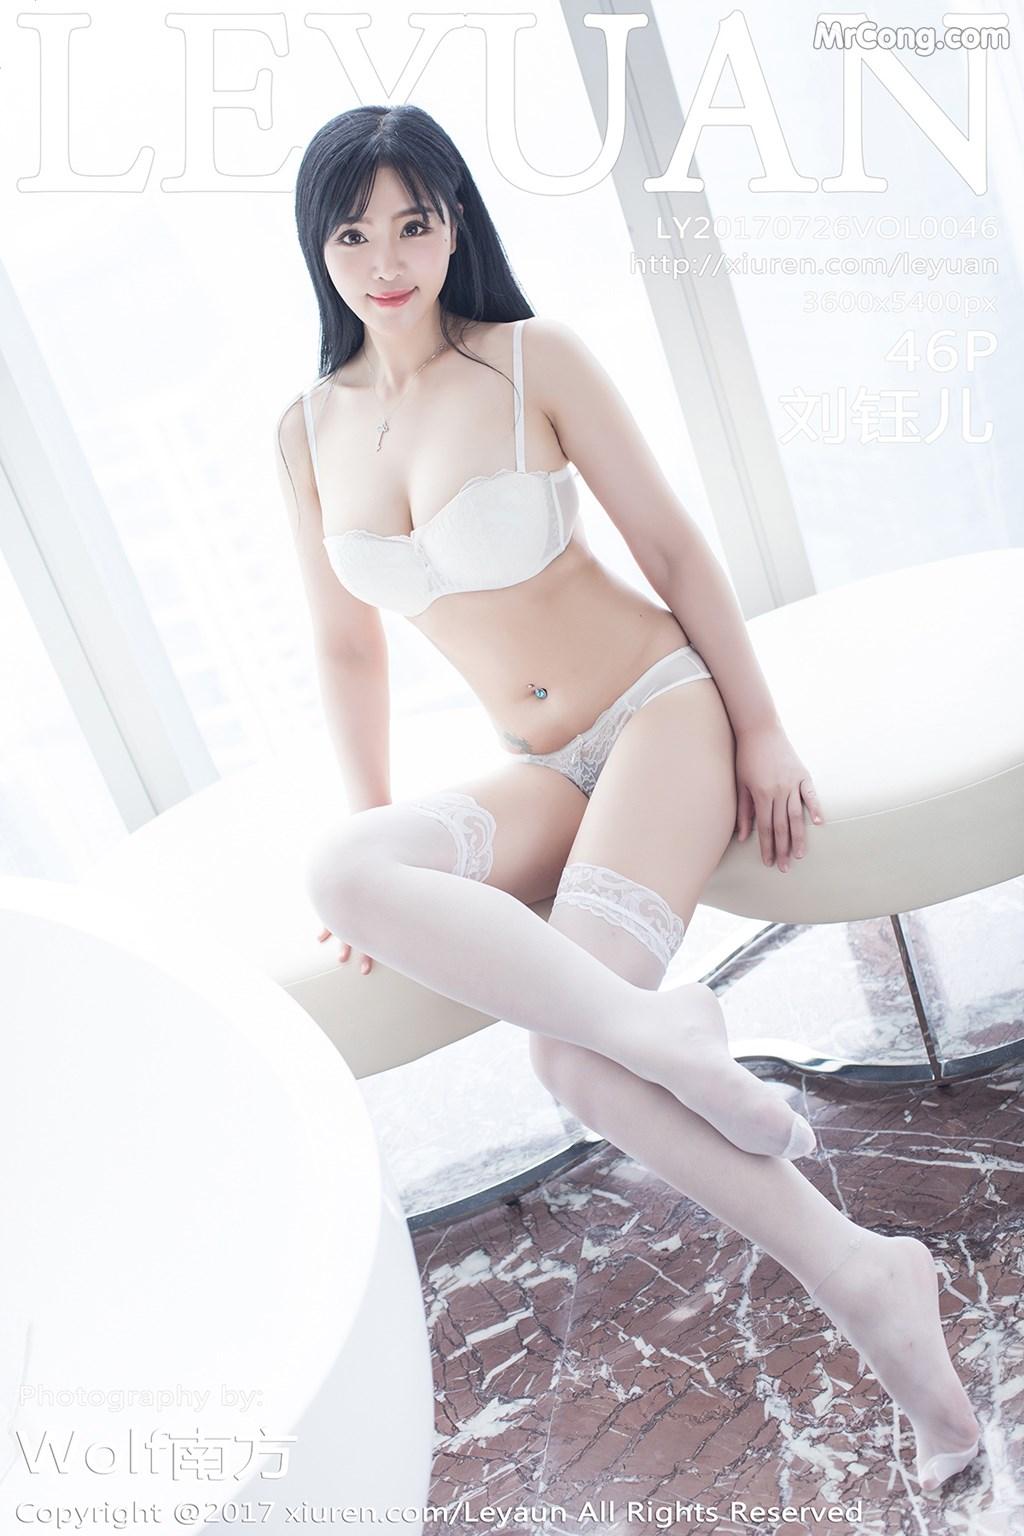 LeYuan Vol.046: Người mẫu Liu Yu Er (刘钰儿) (47 ảnh)